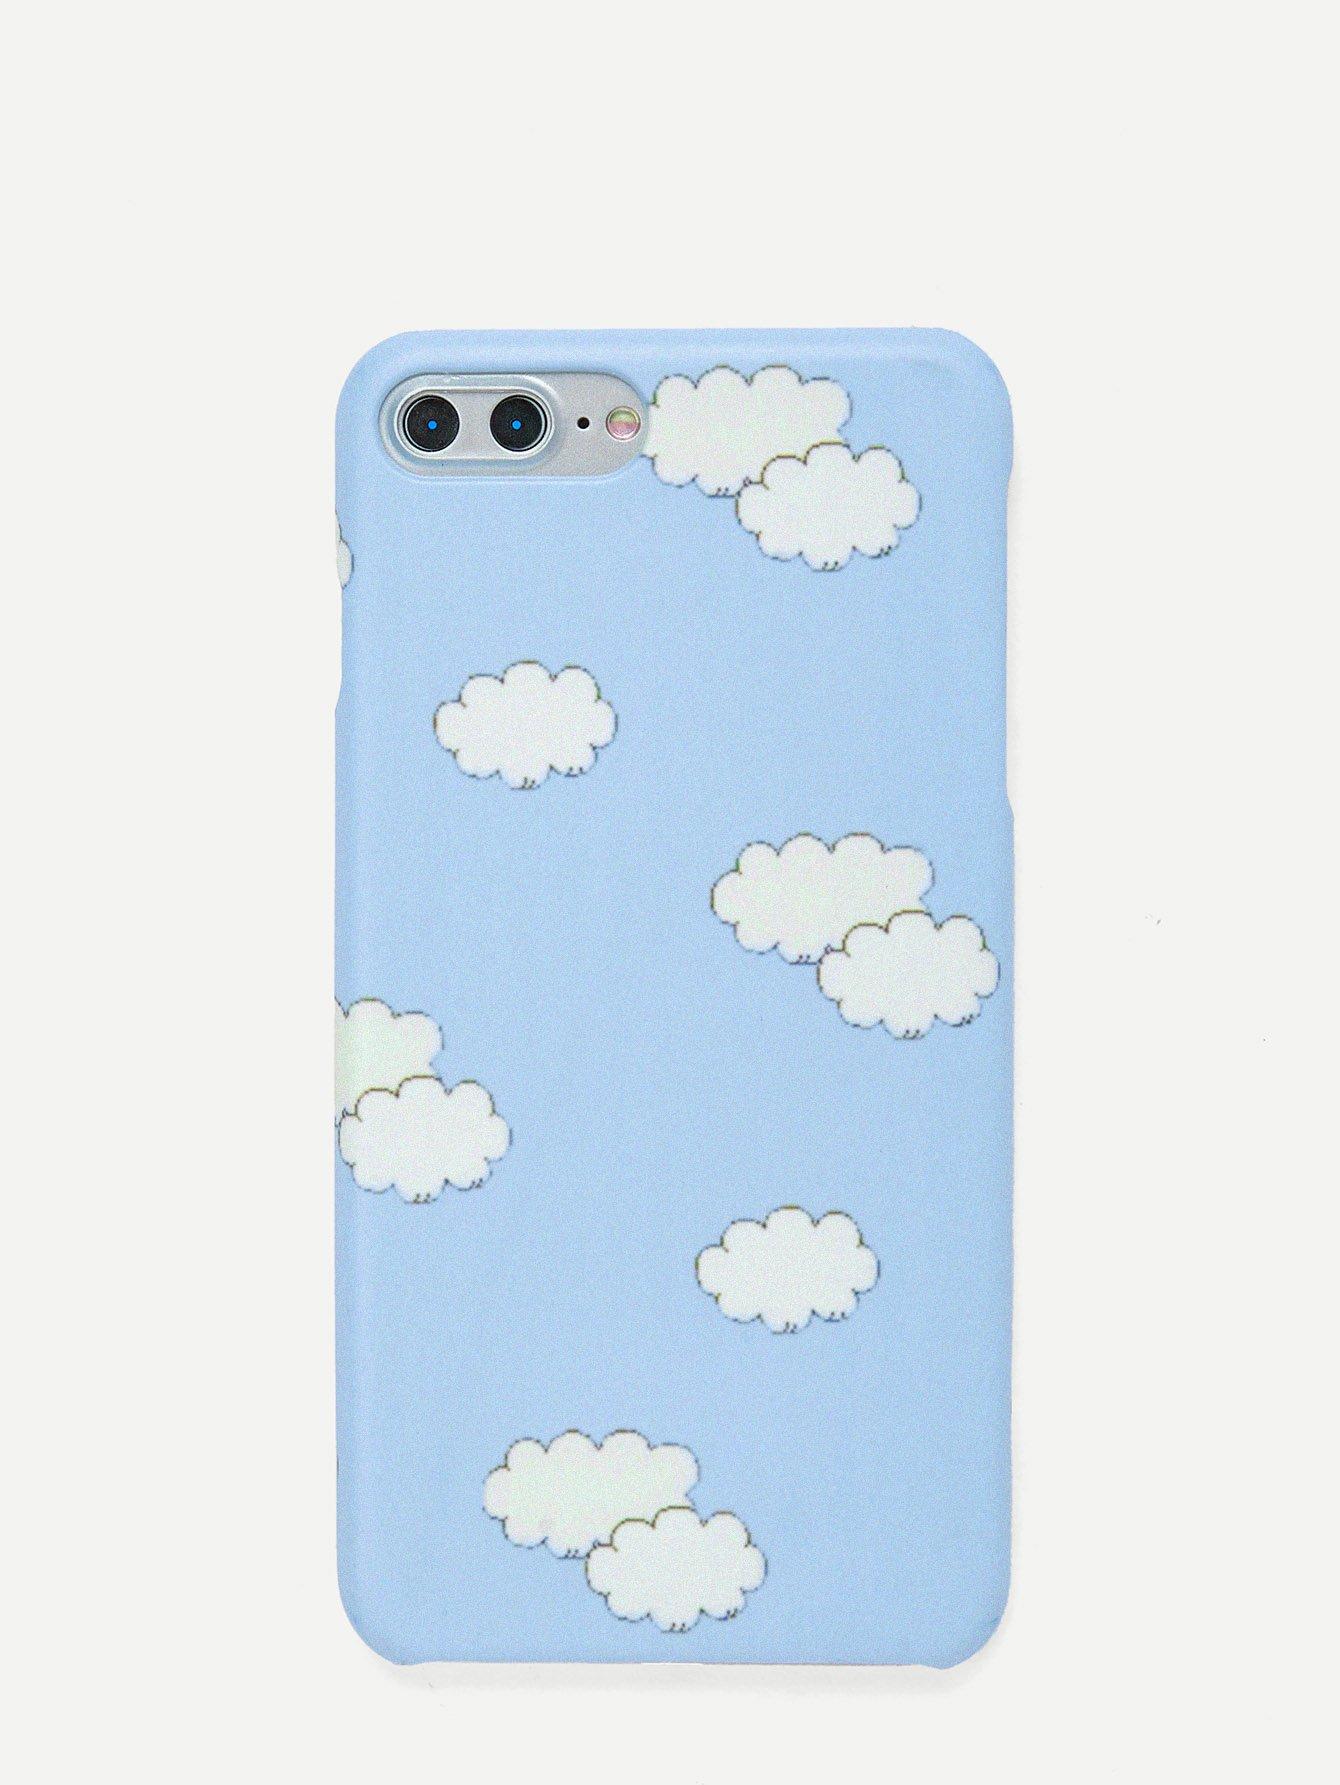 Чехол для IPhone облака, null, SheIn  - купить со скидкой